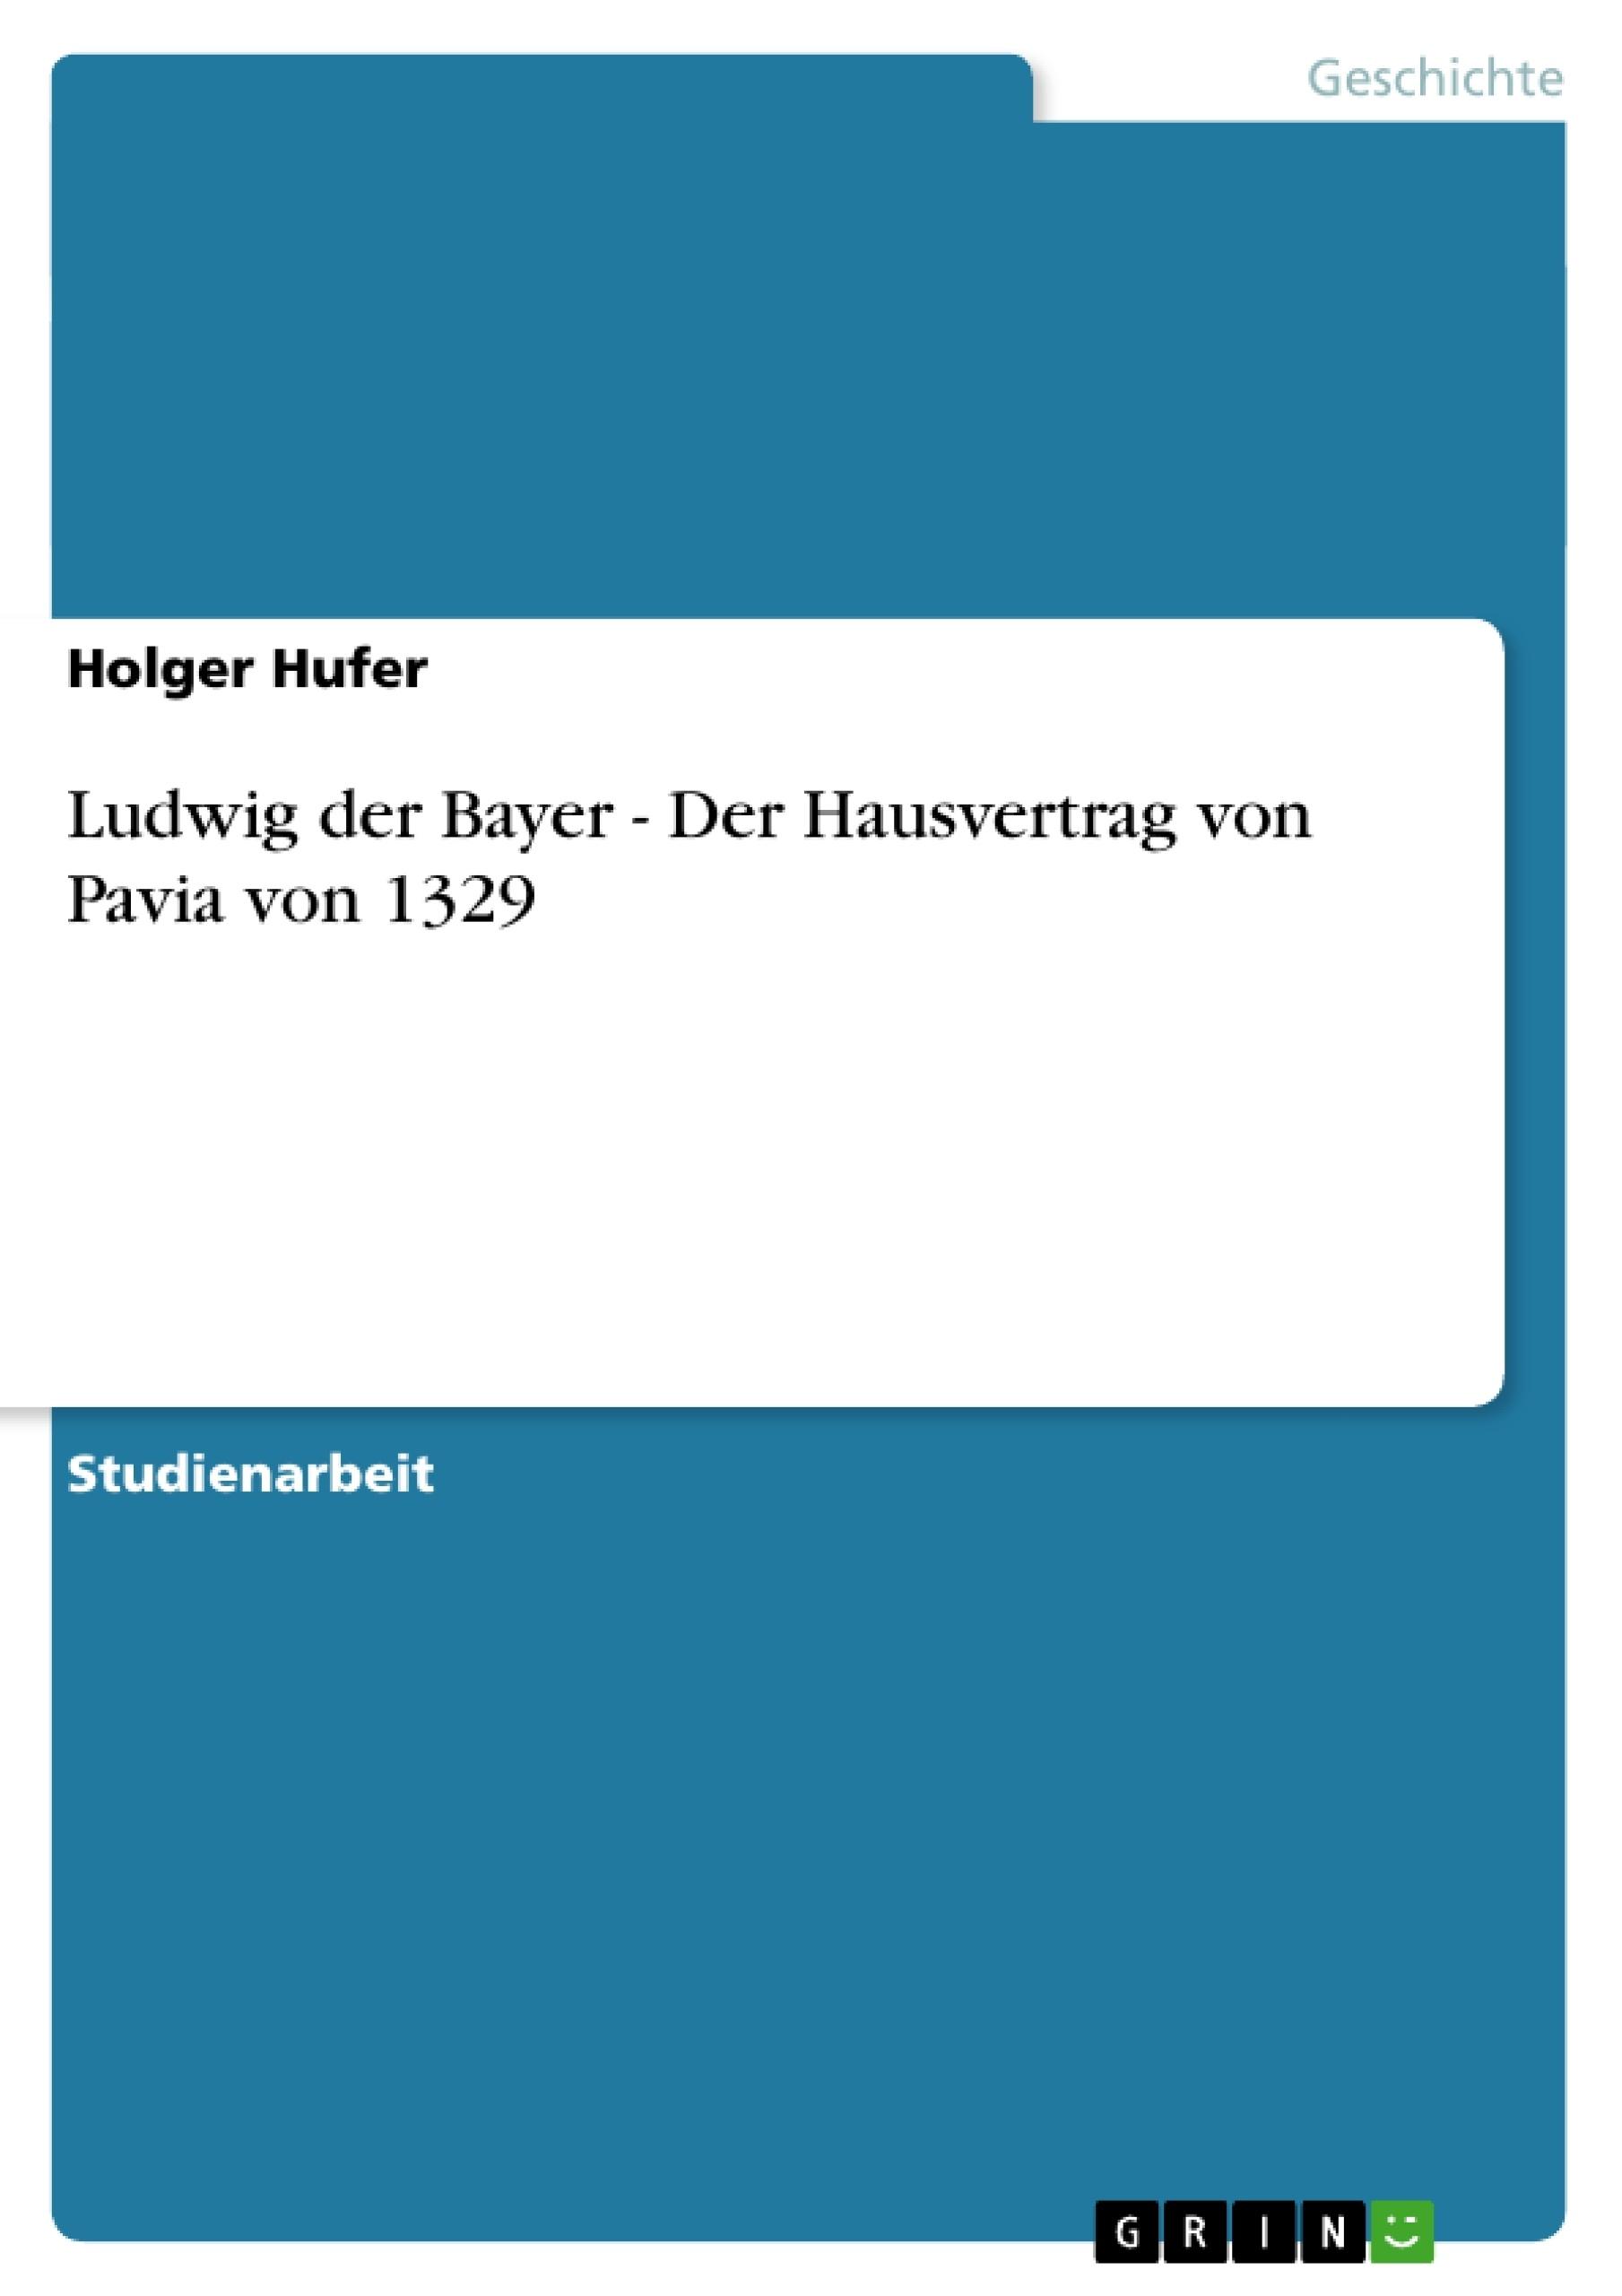 Titel: Ludwig der Bayer - Der Hausvertrag von Pavia von 1329